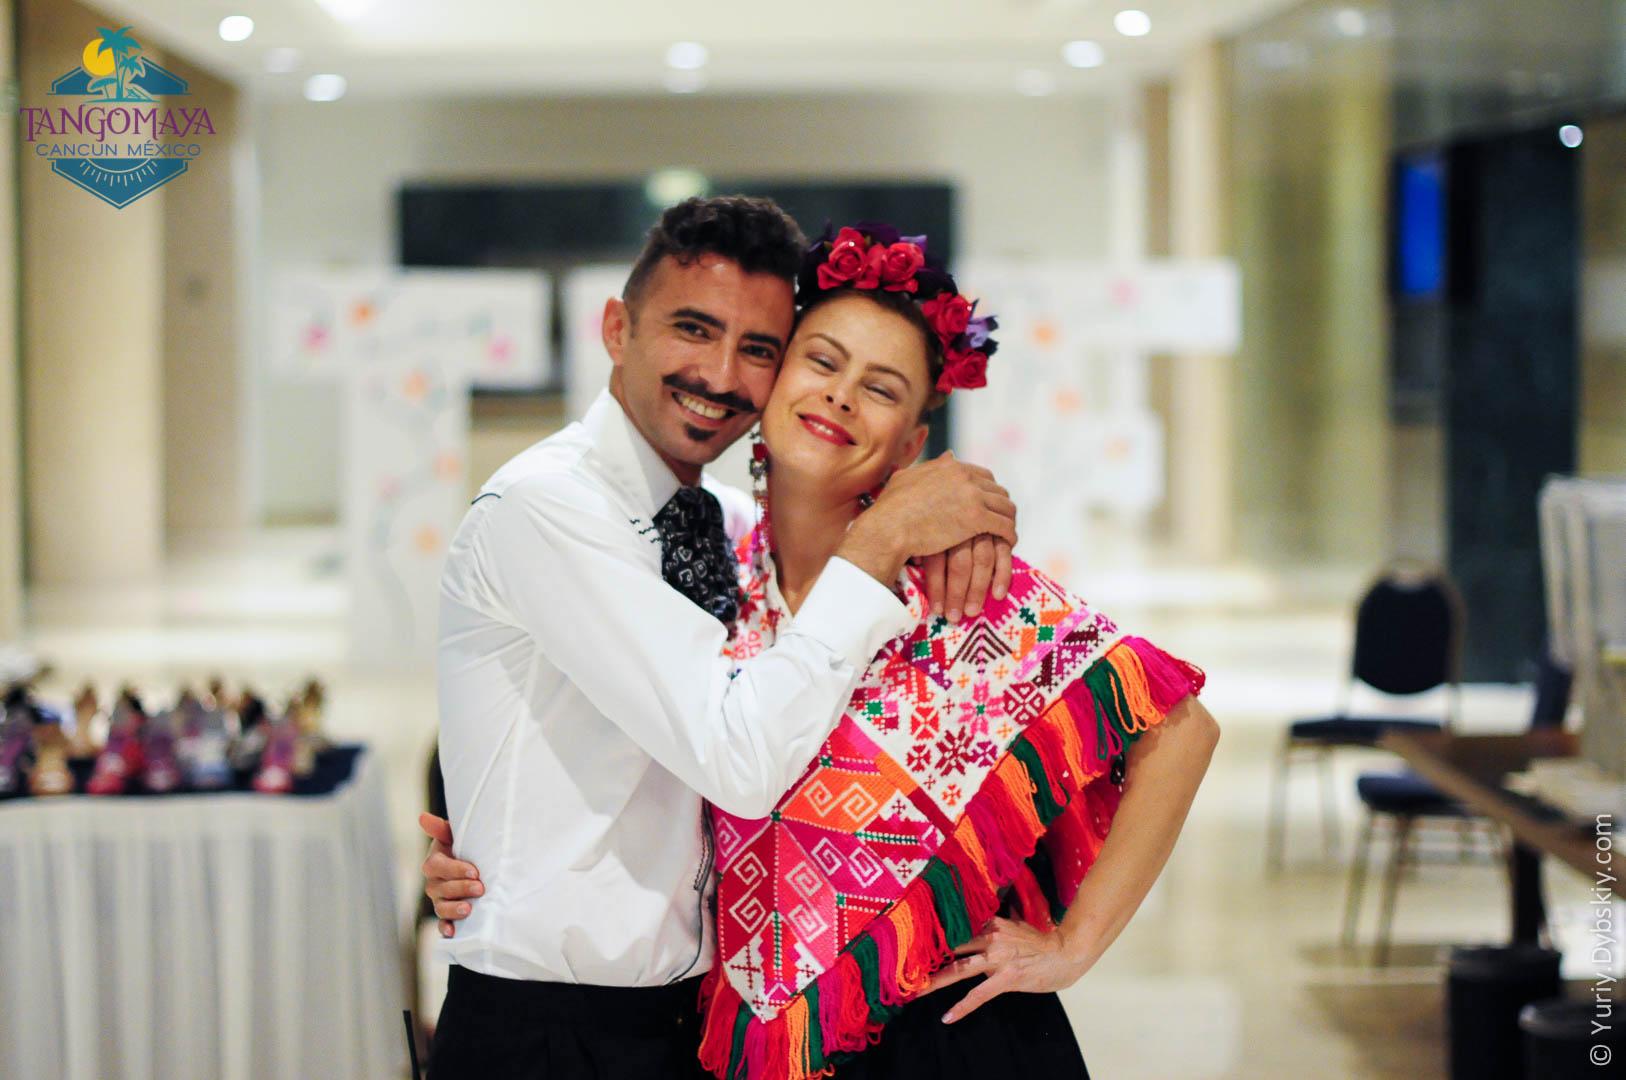 A Mexican Hug